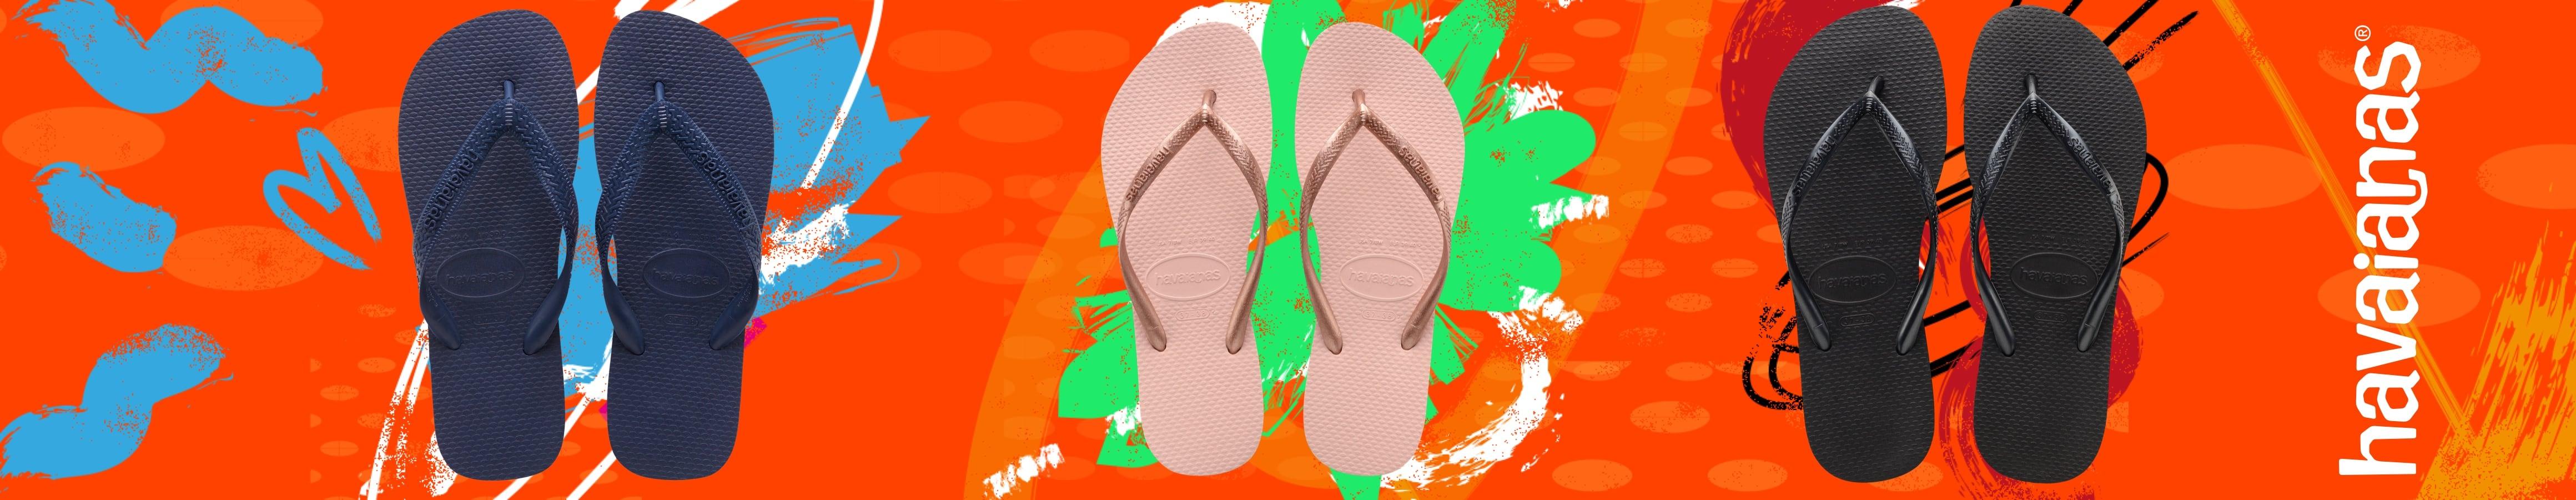 Chinelos da Havaianas de diferentes cores e modelos. Compra já as tuas Havaianas favoritas para este verão!